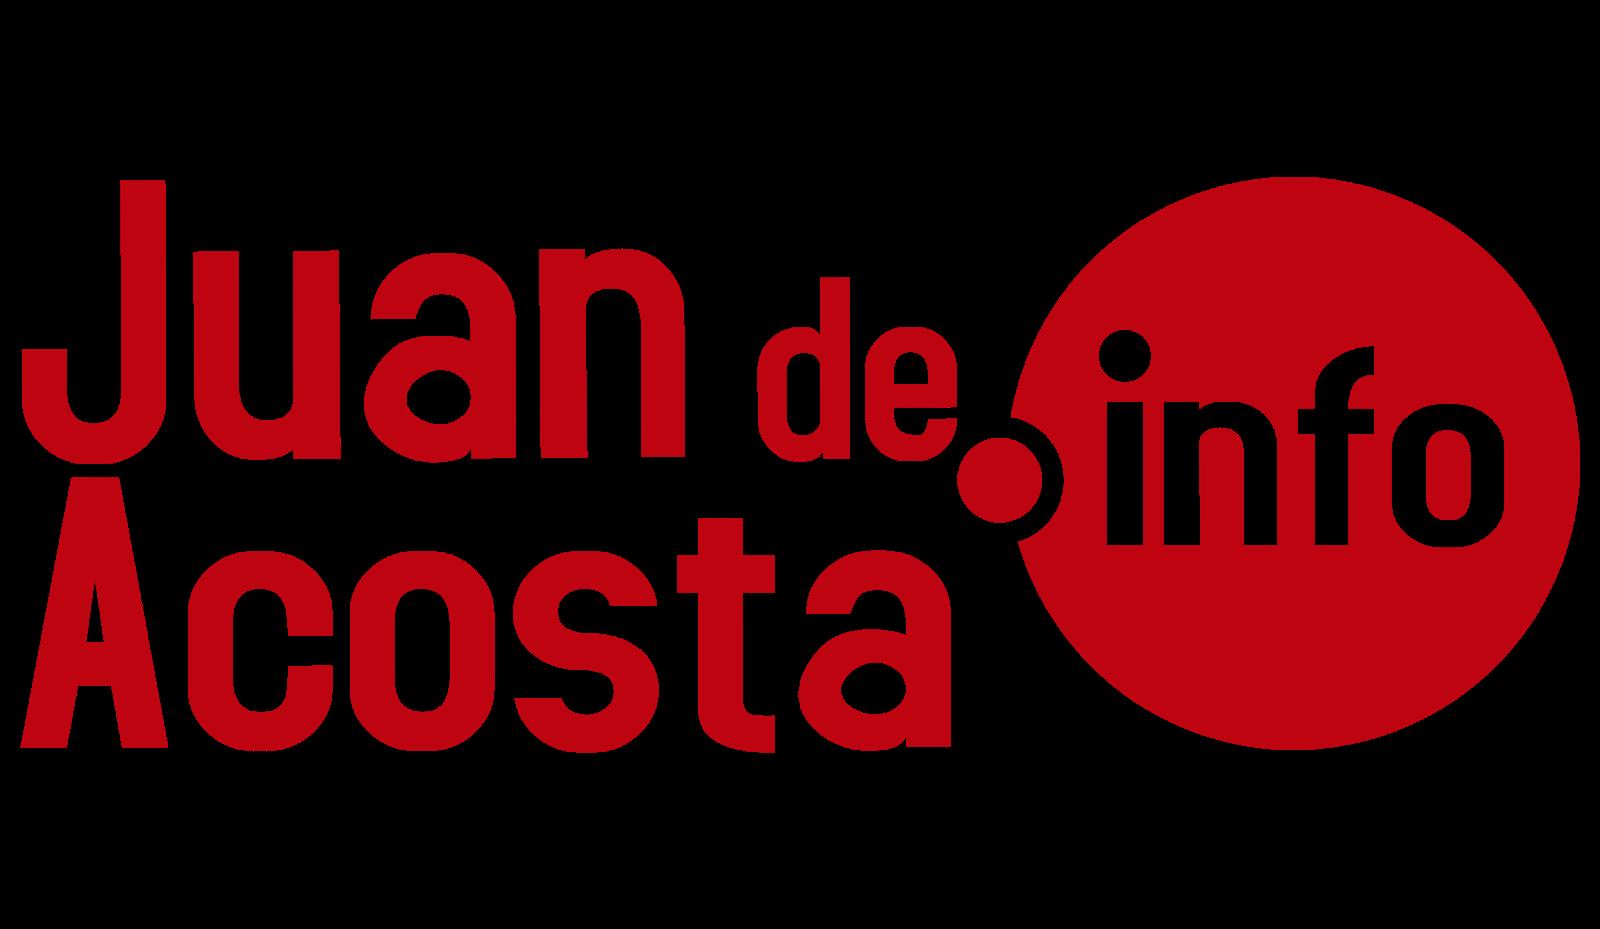 Juan de Acosta Noticias